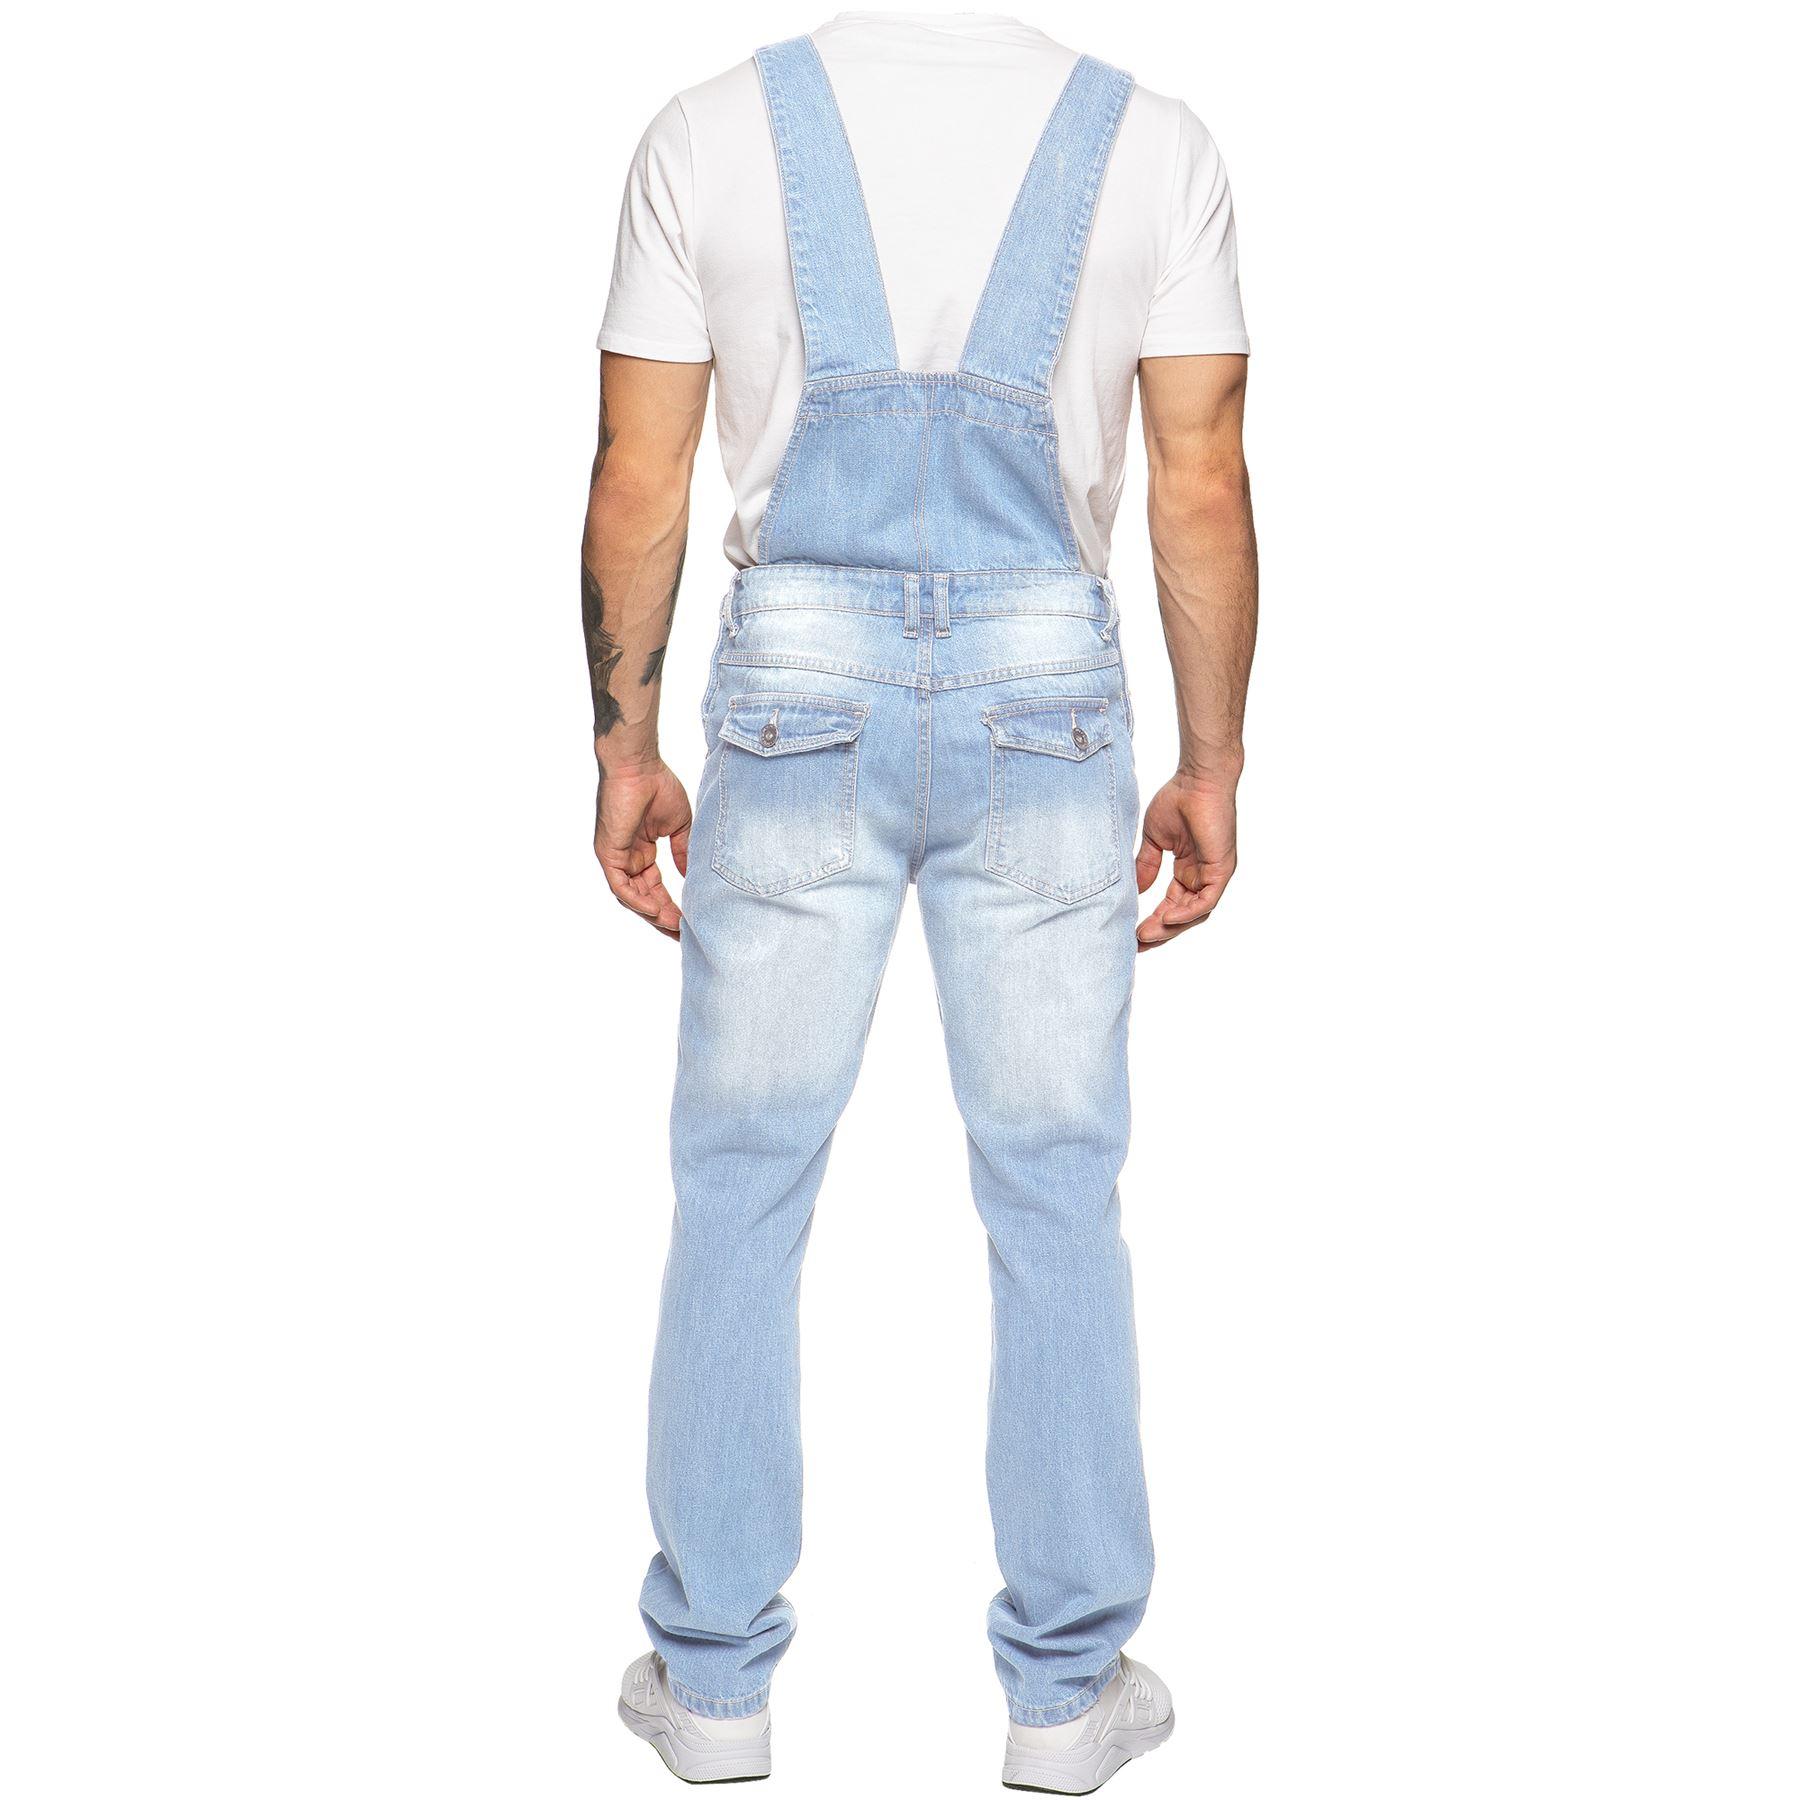 ENZO-Jeans-Hombre-Denim-Azul-Peto-Peto-overoles-Todas-Cinturas-Talla-30-034-50-034 miniatura 11